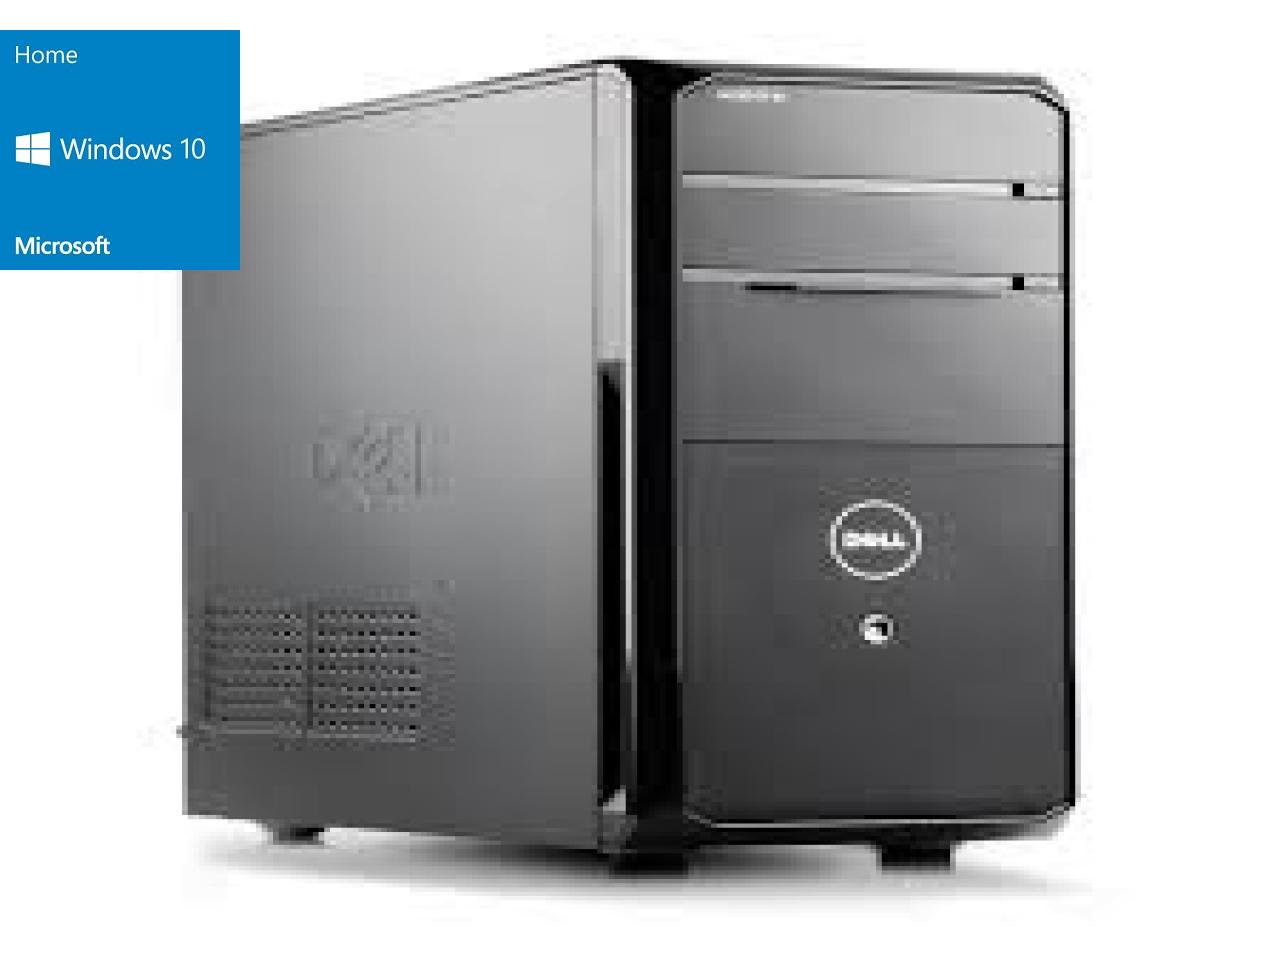 Dell Vostro 430 MT  - shop.bb-net.de